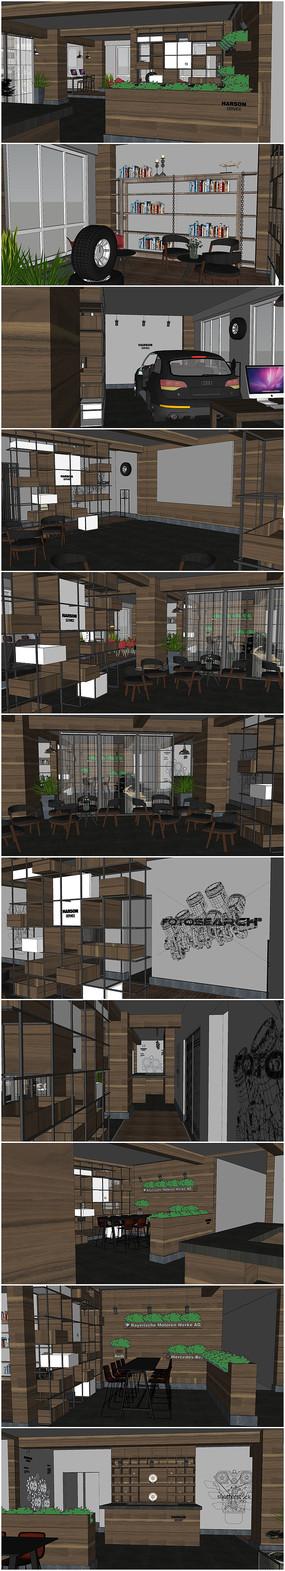 精品现代茶吧室内草图大师模型